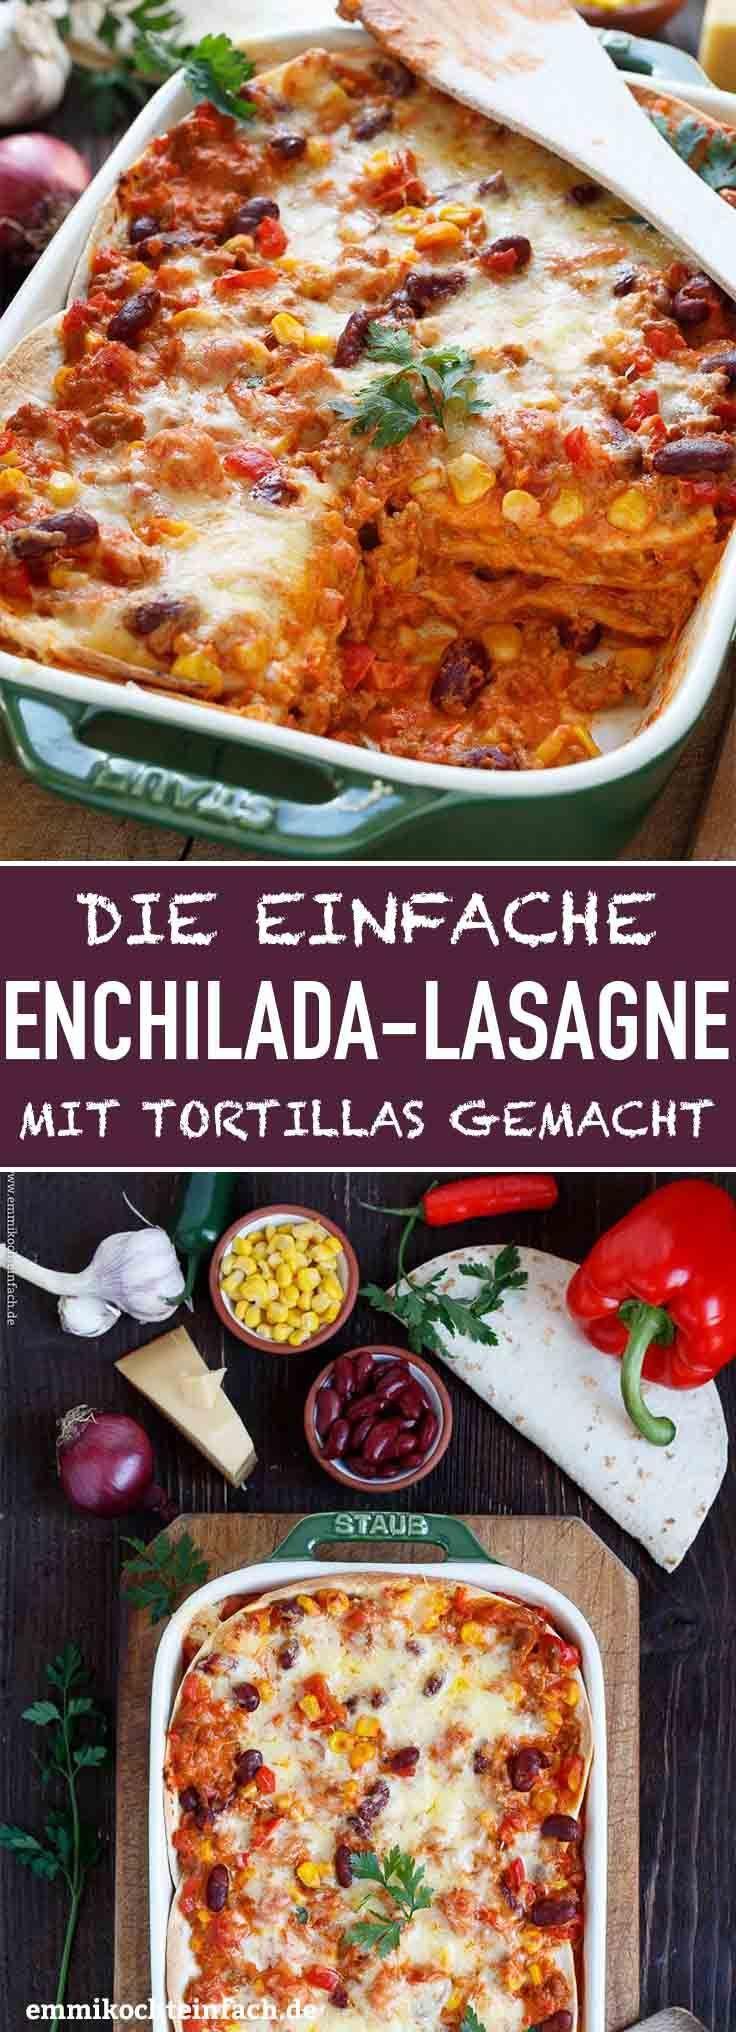 Mexikanische Enchilada Lasagne - emmikochteinfach #familyrecipes